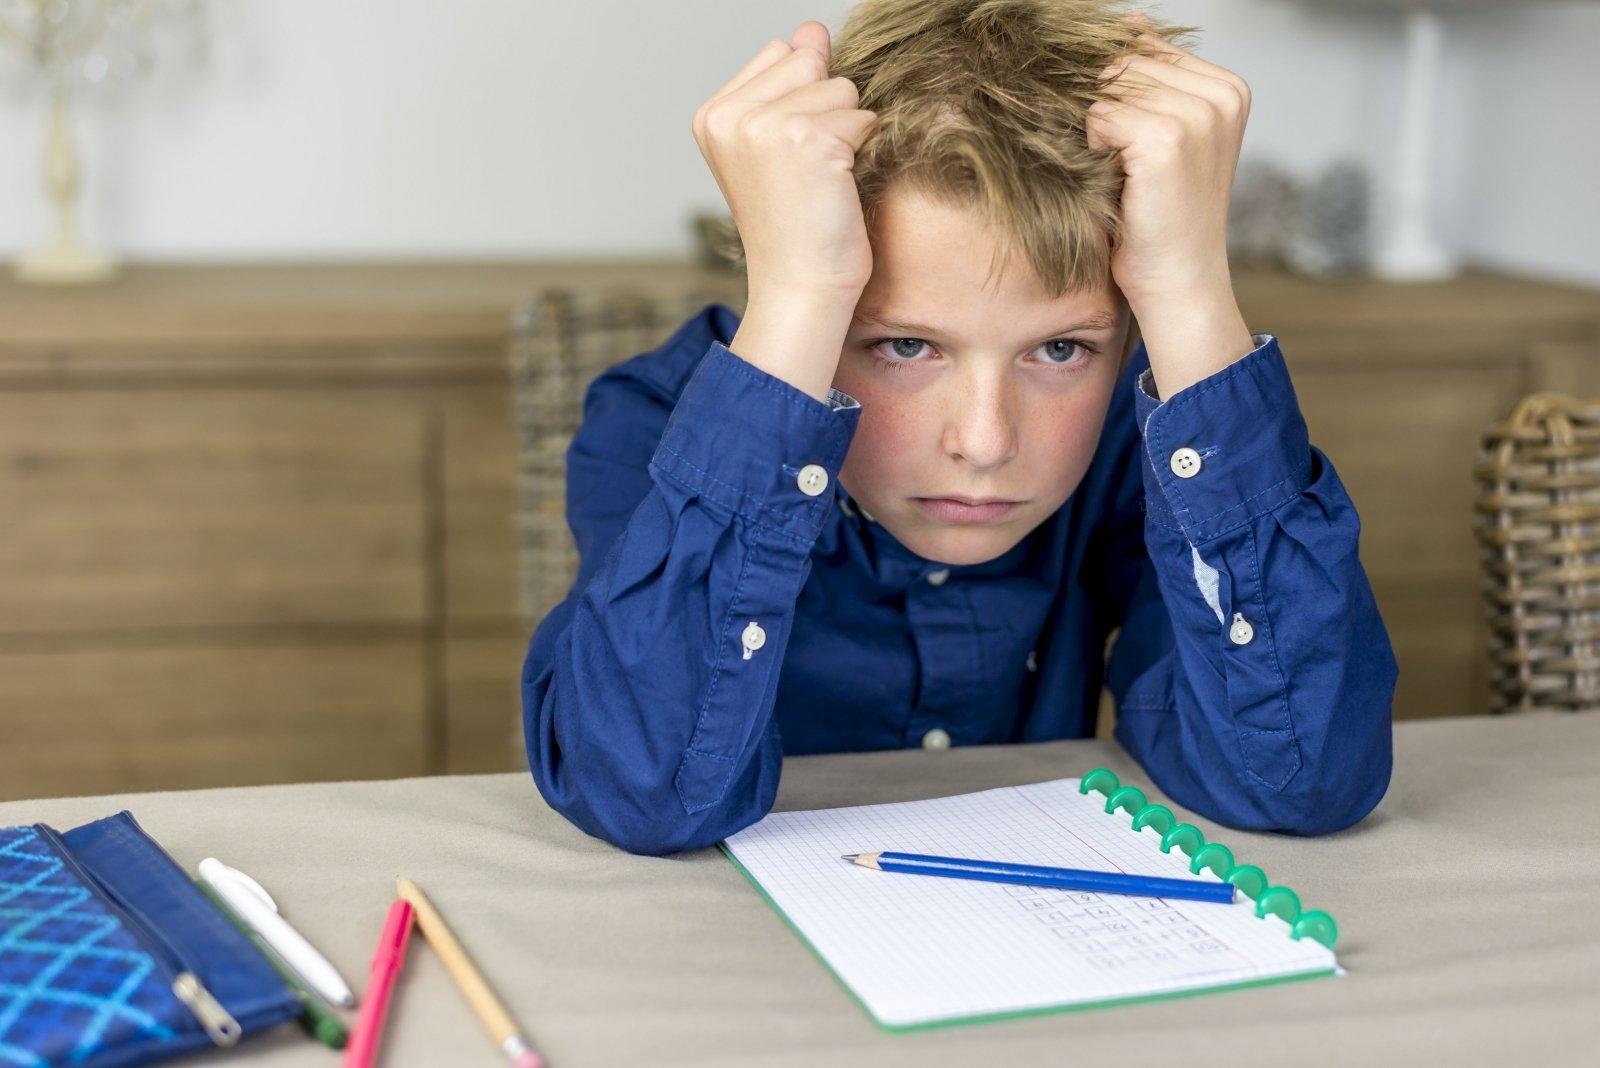 norėčiau atlikti namų darbą